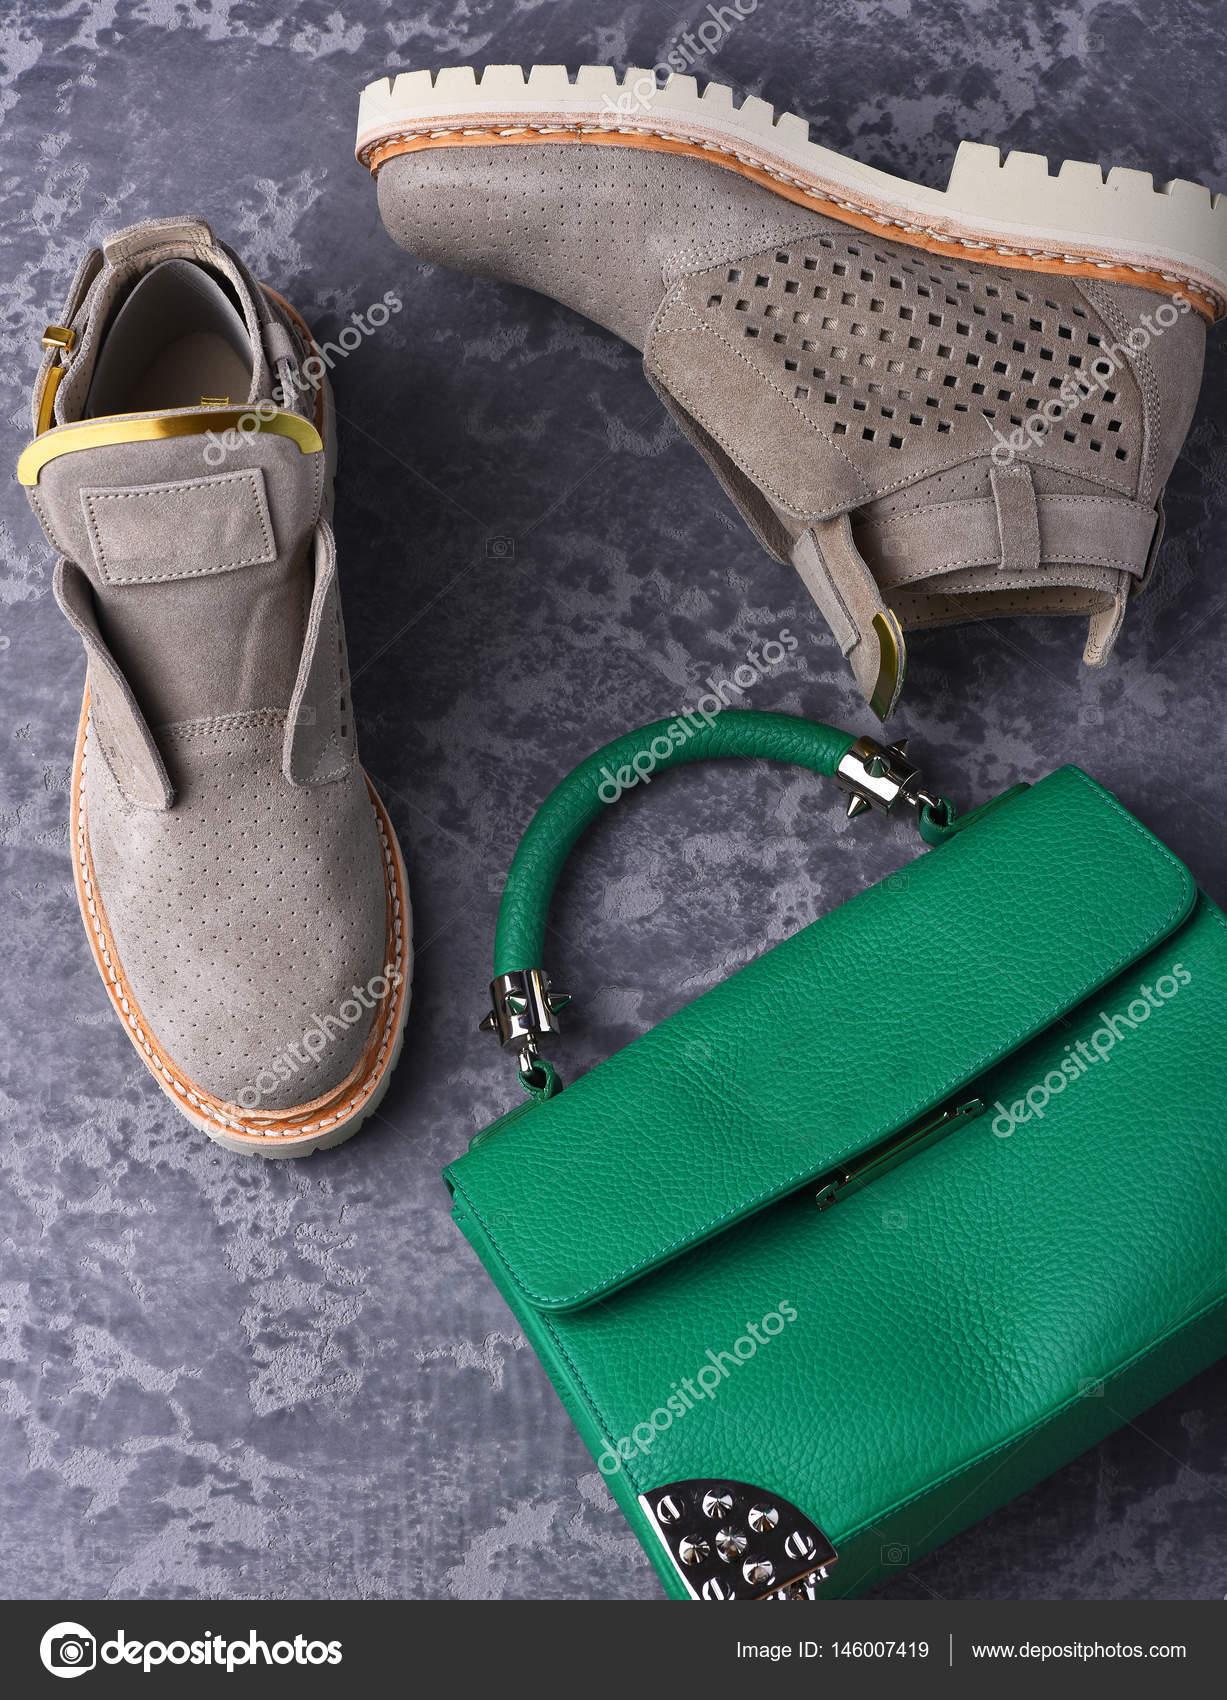 Μικρή γυναικεία δερμάτινη Πράσινη τσάντα και μποτάκια γκρι σουέτ —  Φωτογραφία Αρχείου 7c1e939b370